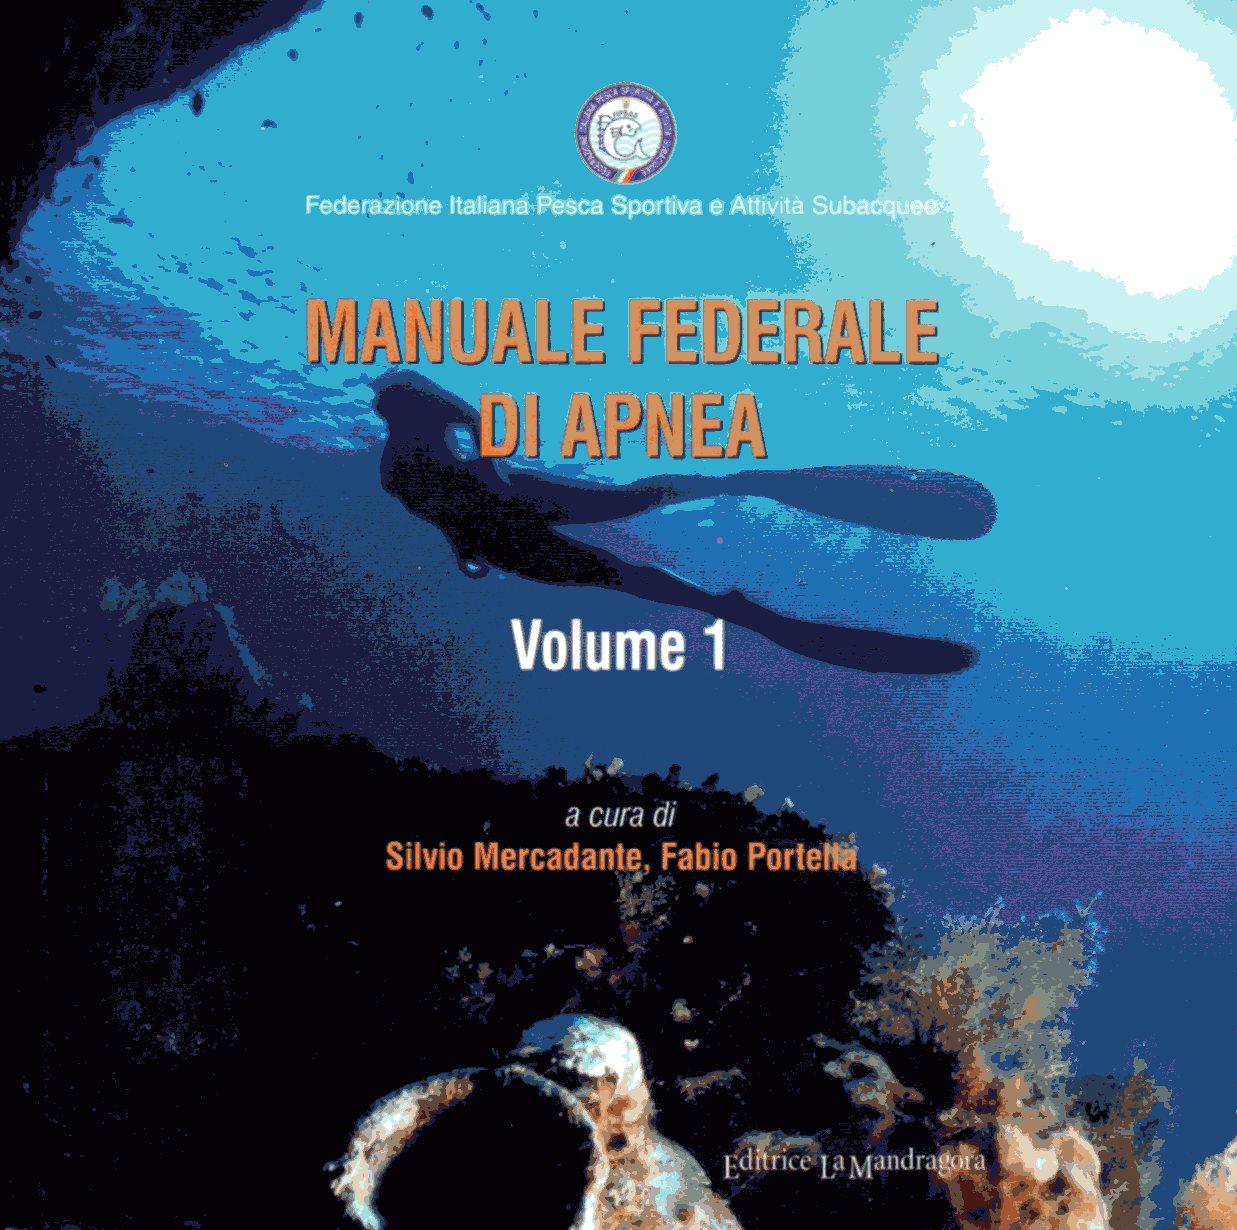 Manuale federale di apnea - Vol. 1